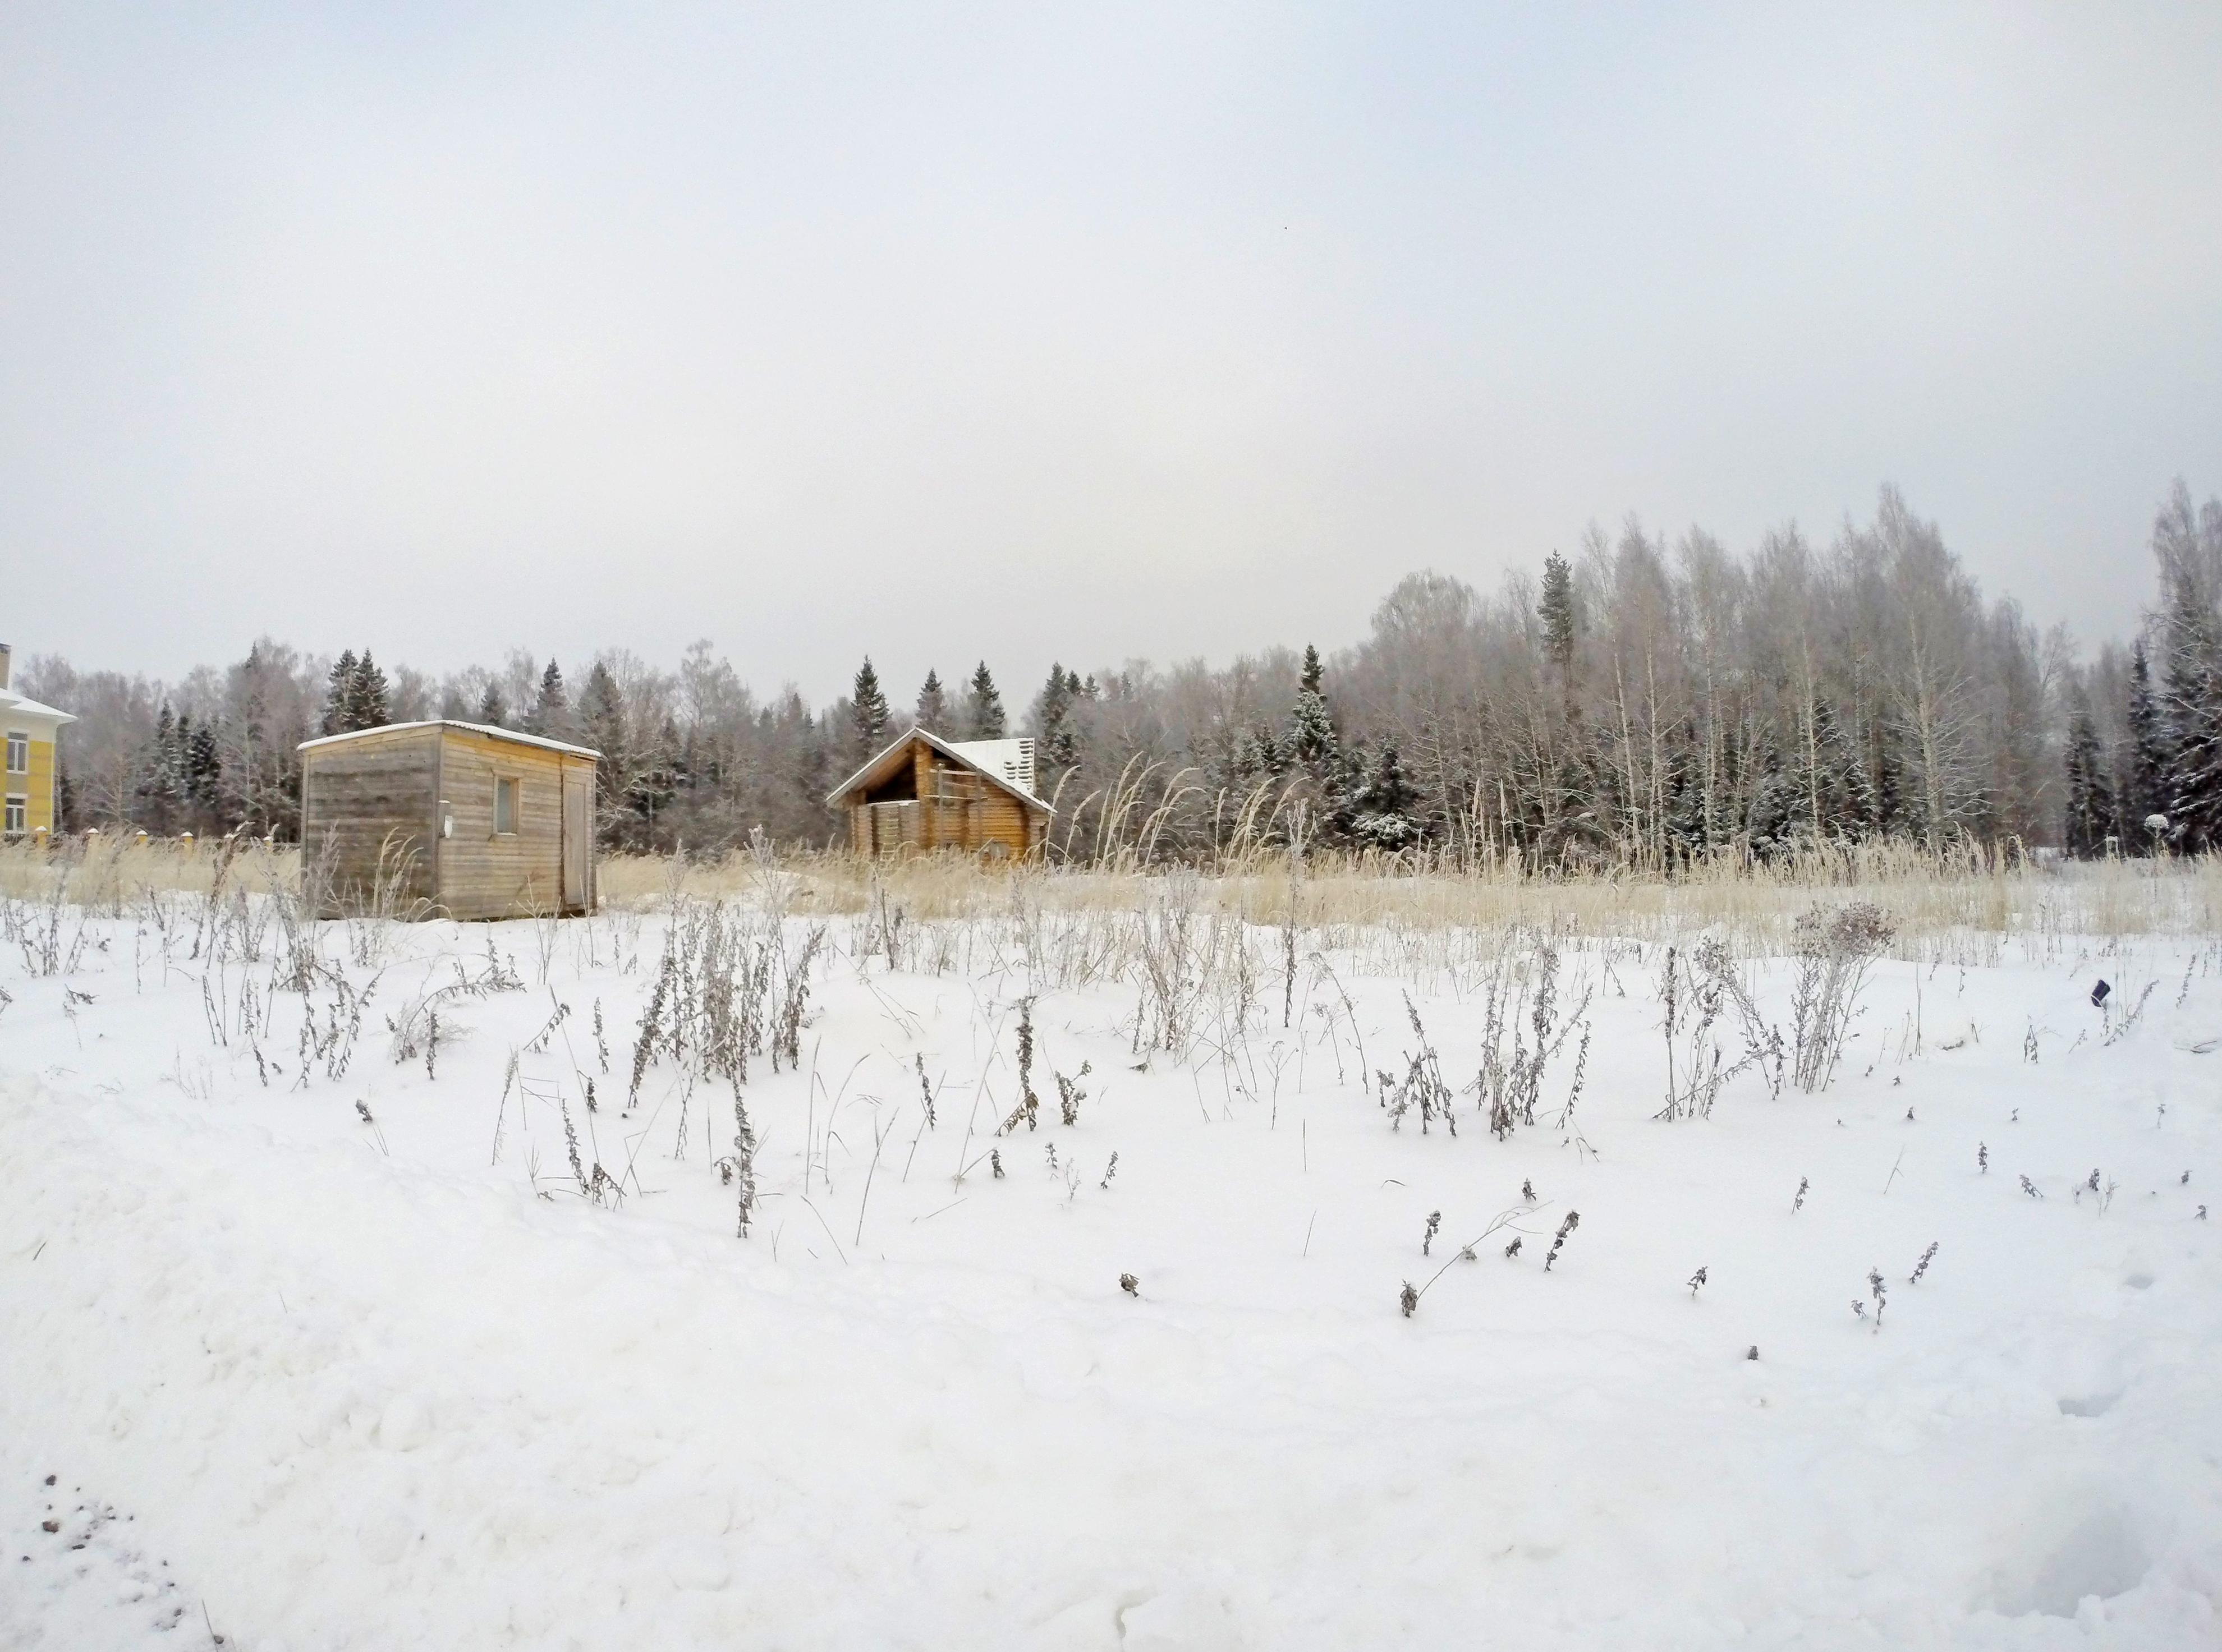 коттеджный посёлок Китежградъ, 32 км до МКАД